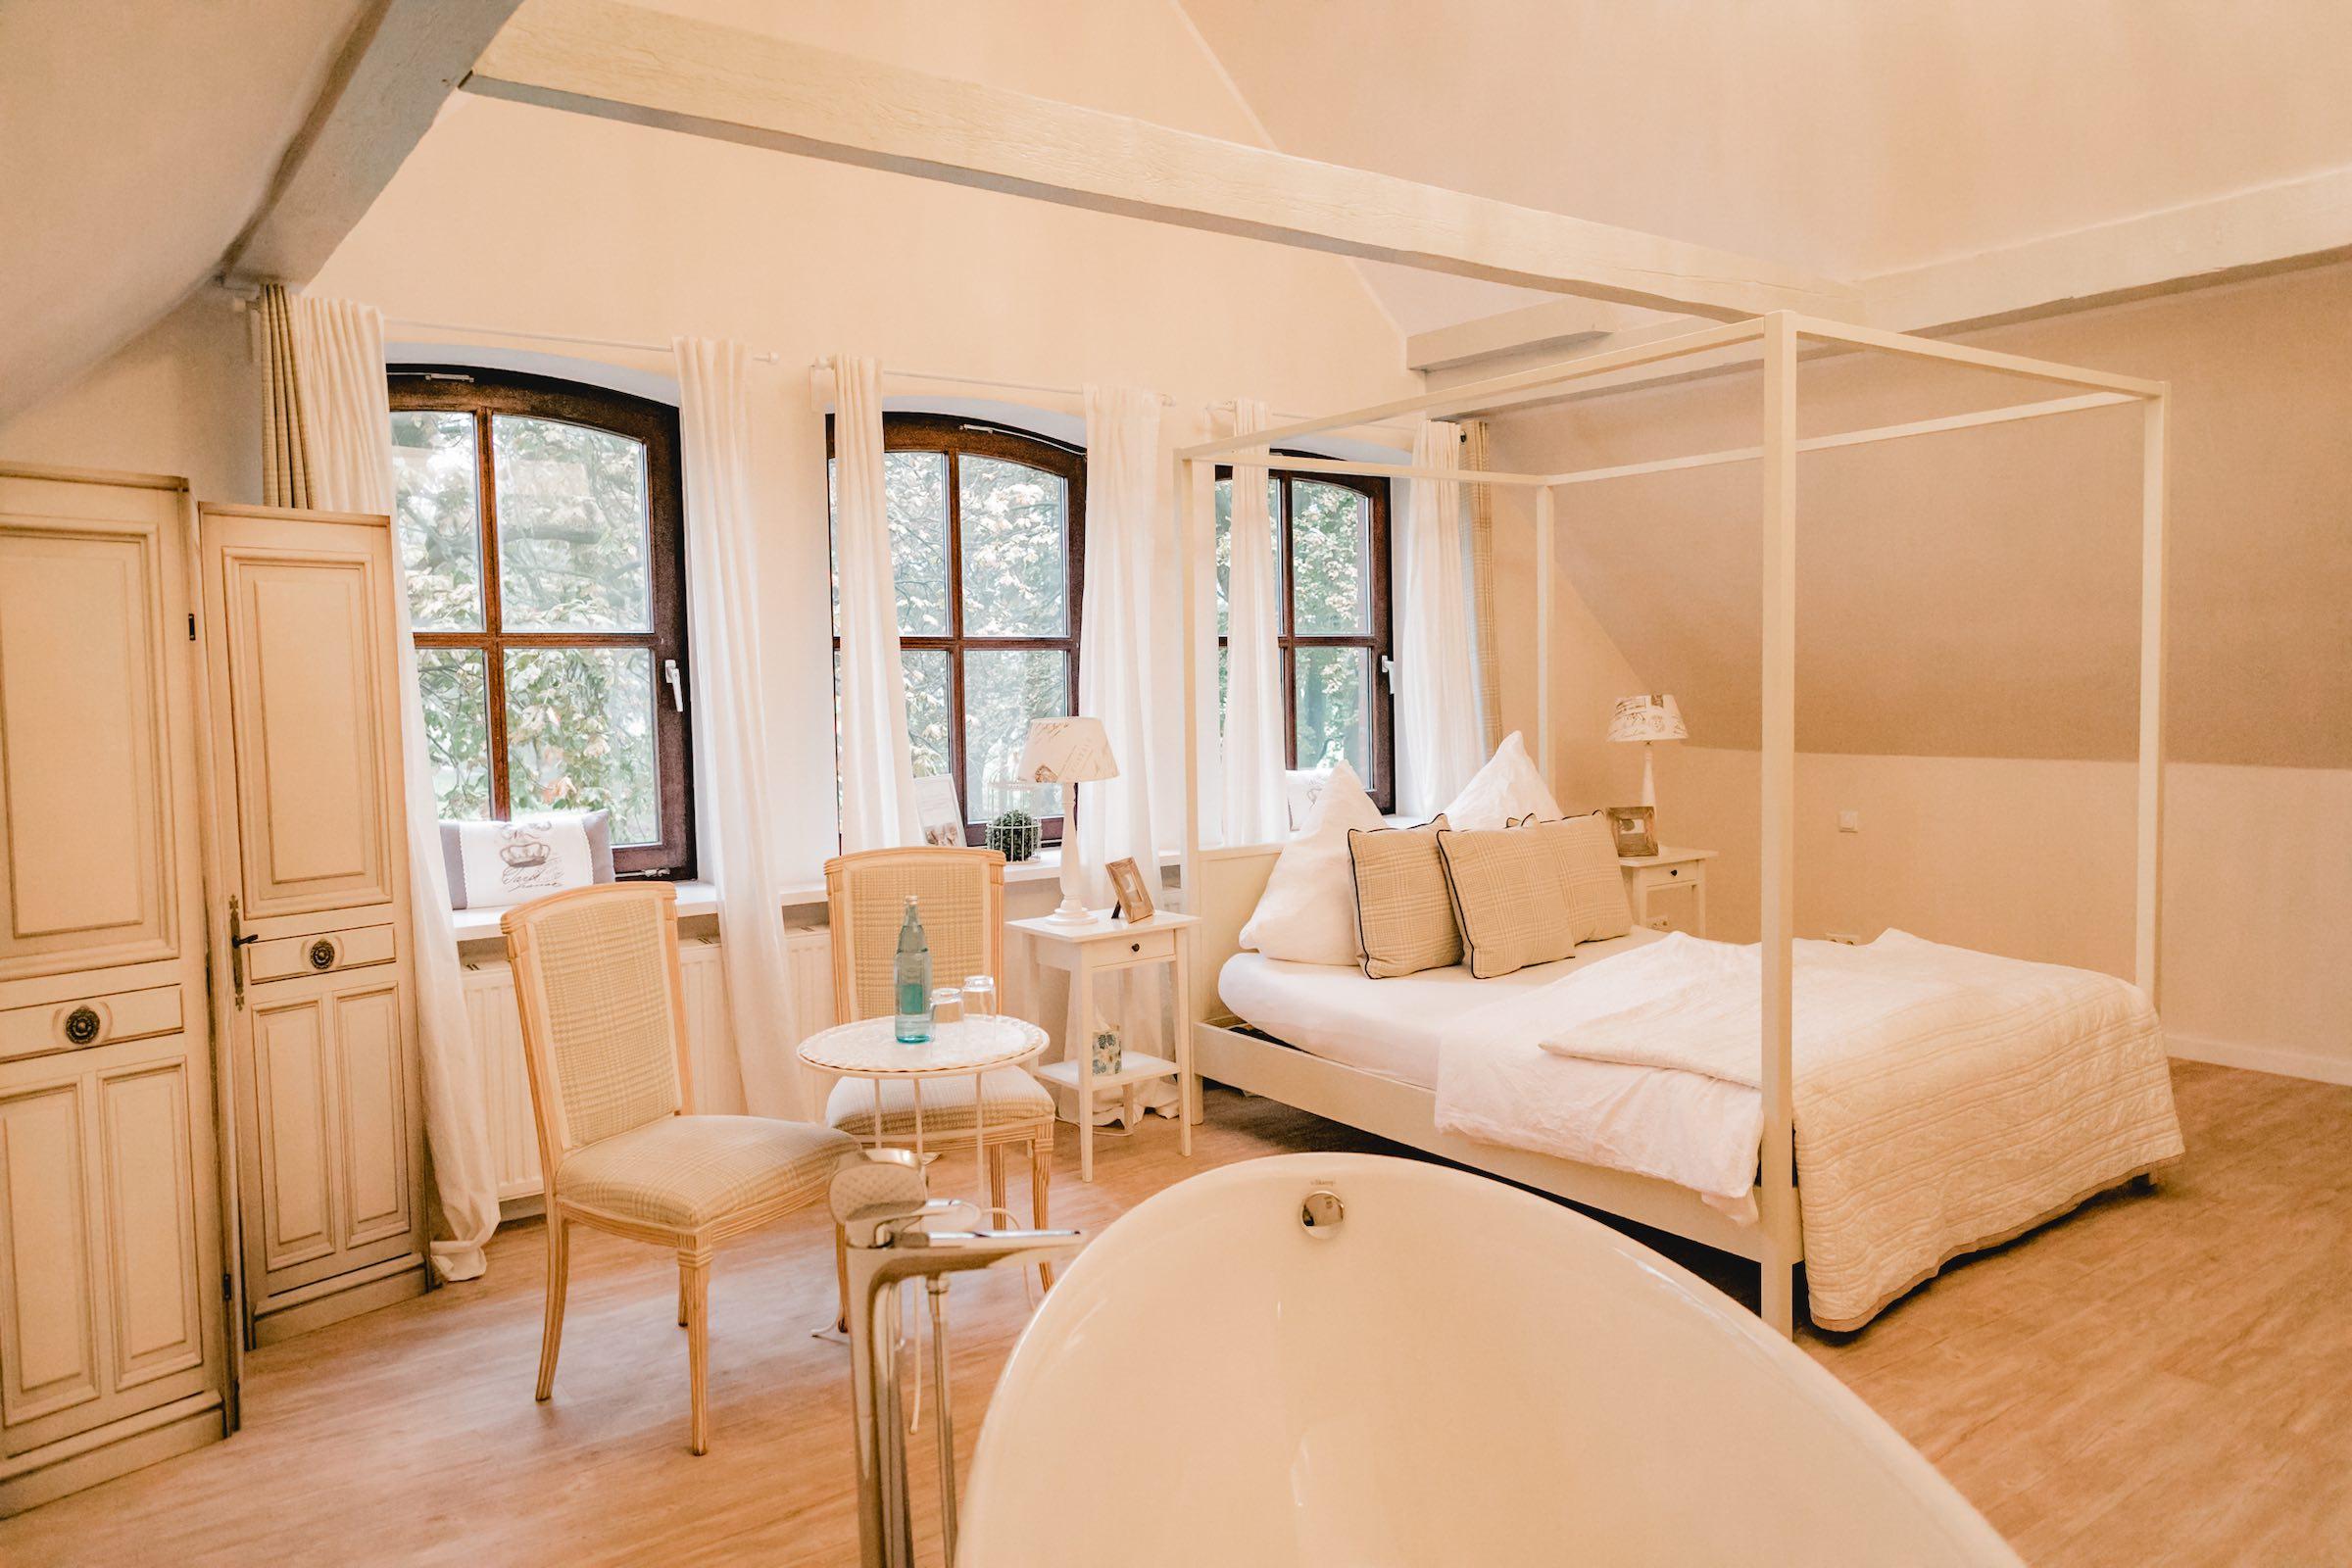 Häserhof   Reddestorf   Location   Referenz   Zimmer   Gästezimmer   Mieten   Buchen   Lehmann   Eventservice